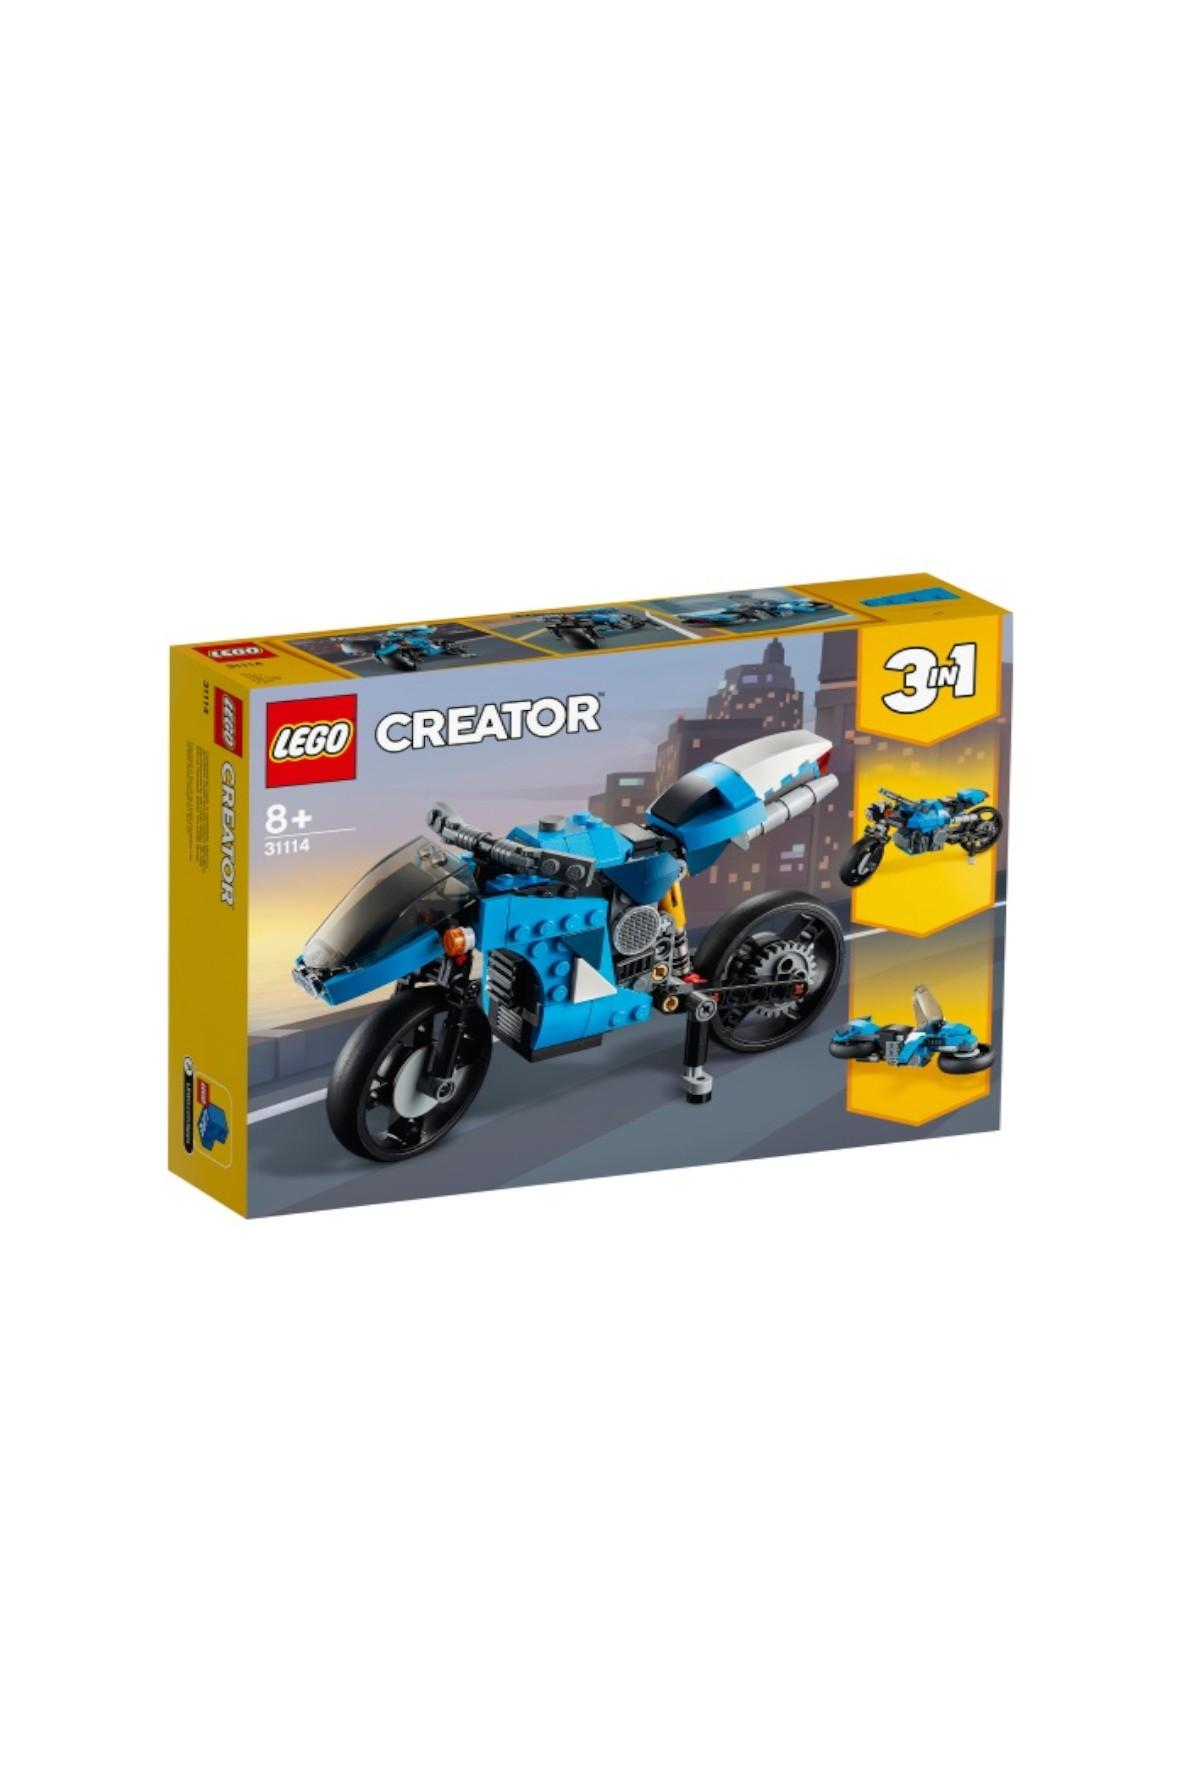 LEGO Creator - Supermotocykl - 236 el